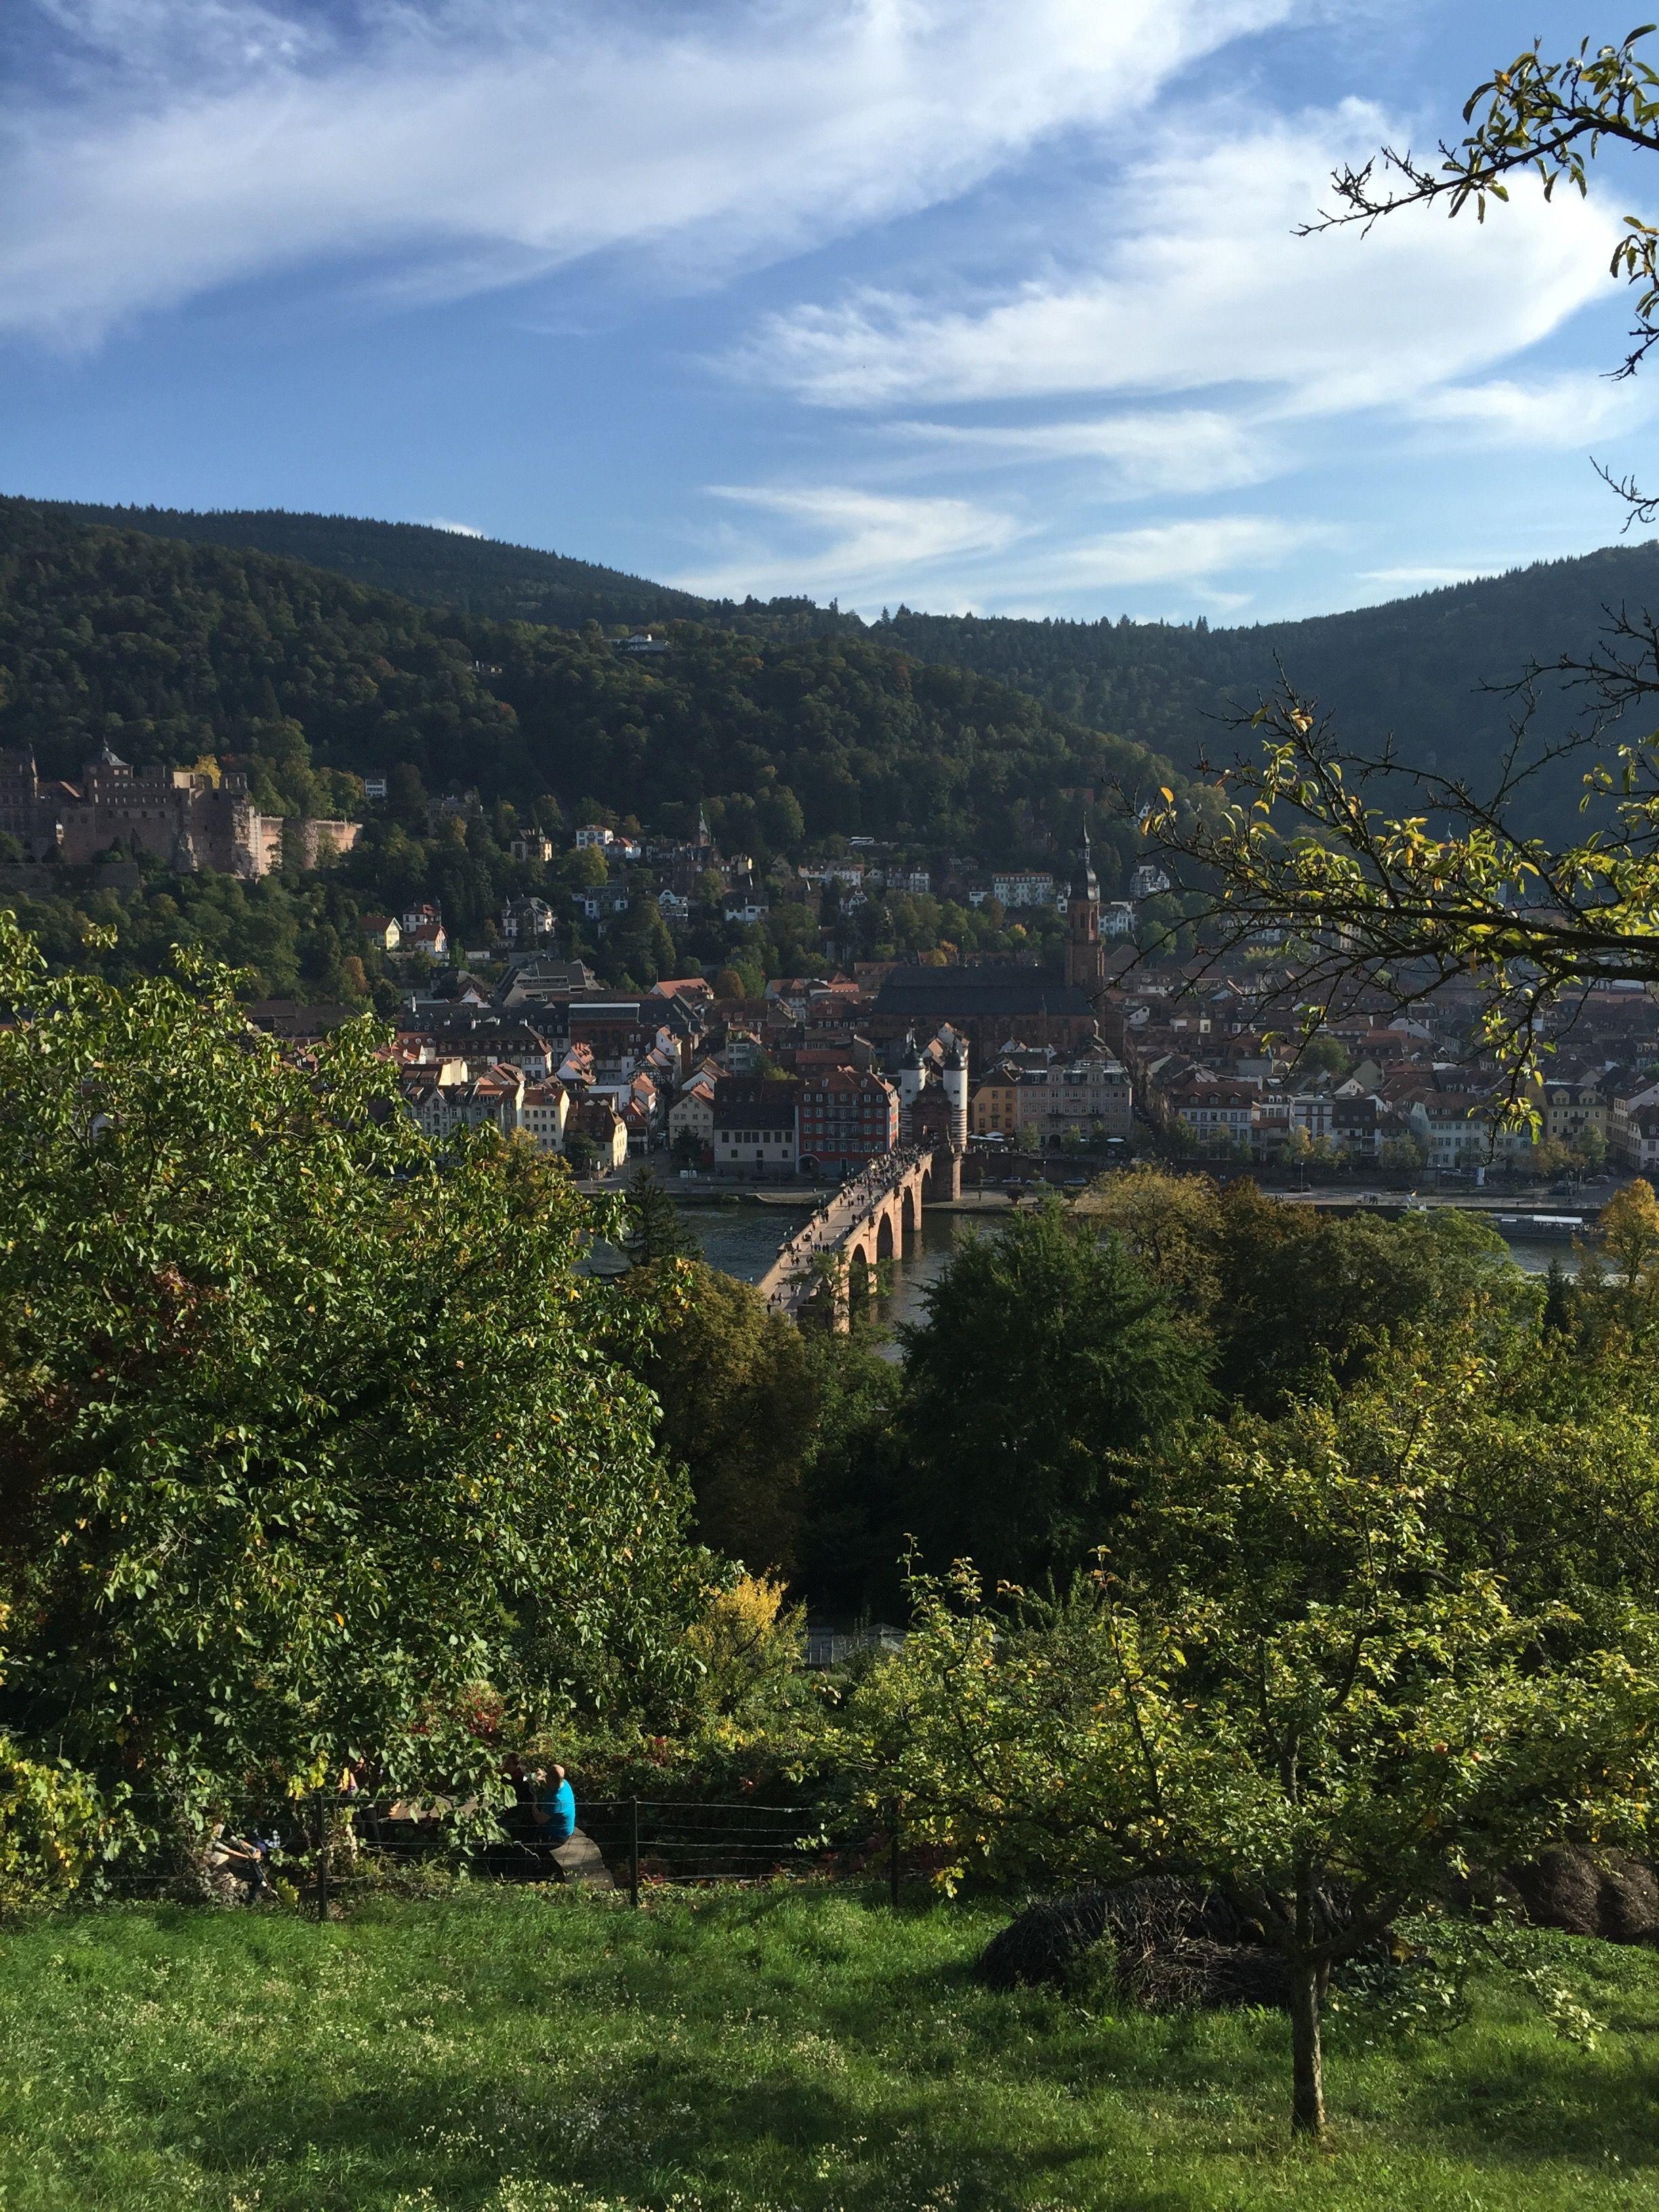 Blick vom Philosophenweg auf die Heidelberger Altstadt/Alte Brücke.